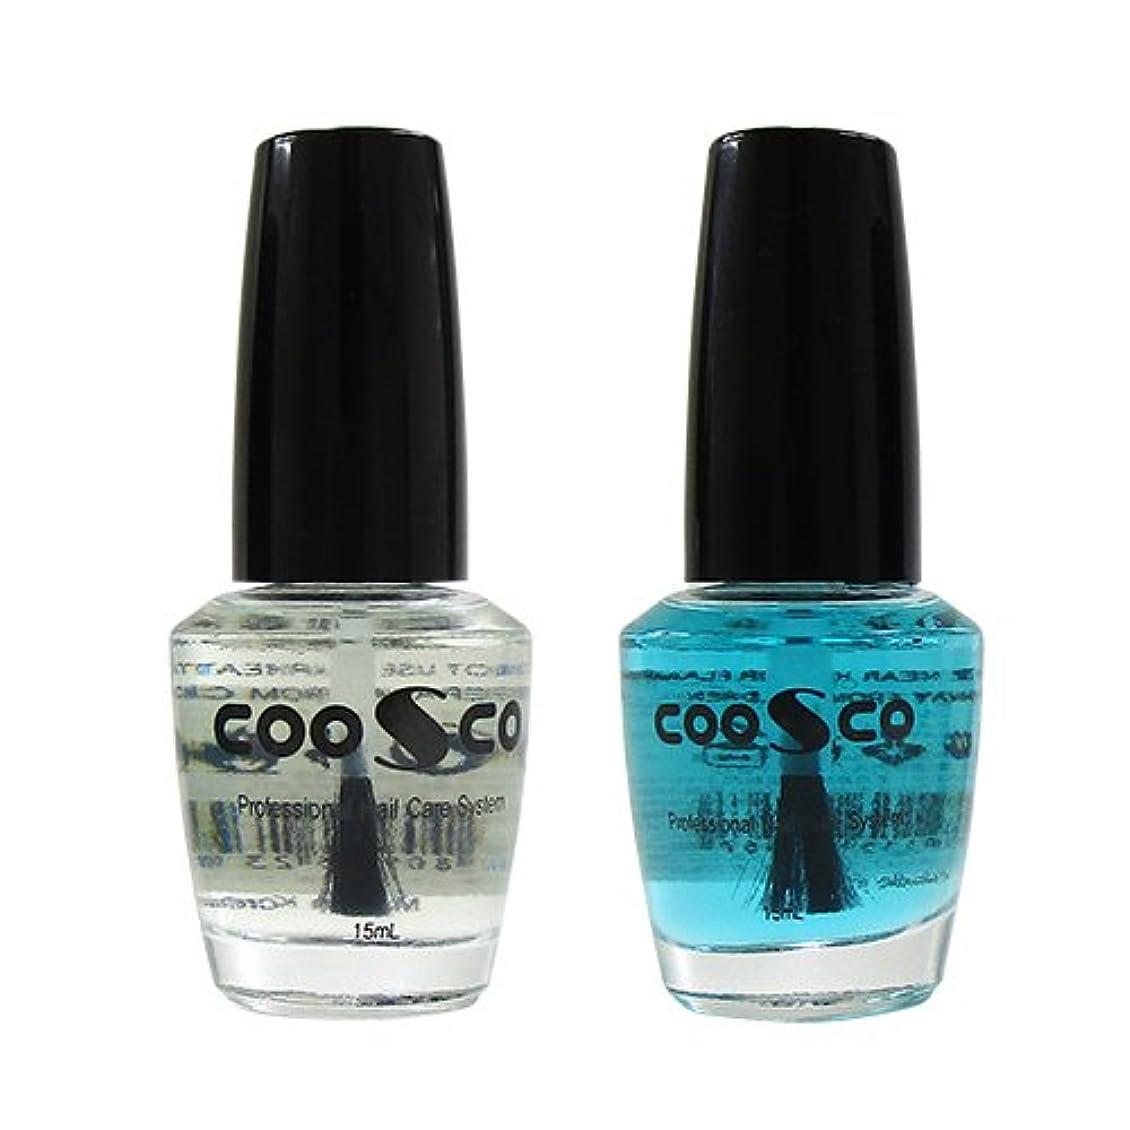 チェスネイル用 CCトップコート×50個セット ※カラーは当店おまかせ! (COOSCO Professional Nail Care System CC Top Coat) 15mL